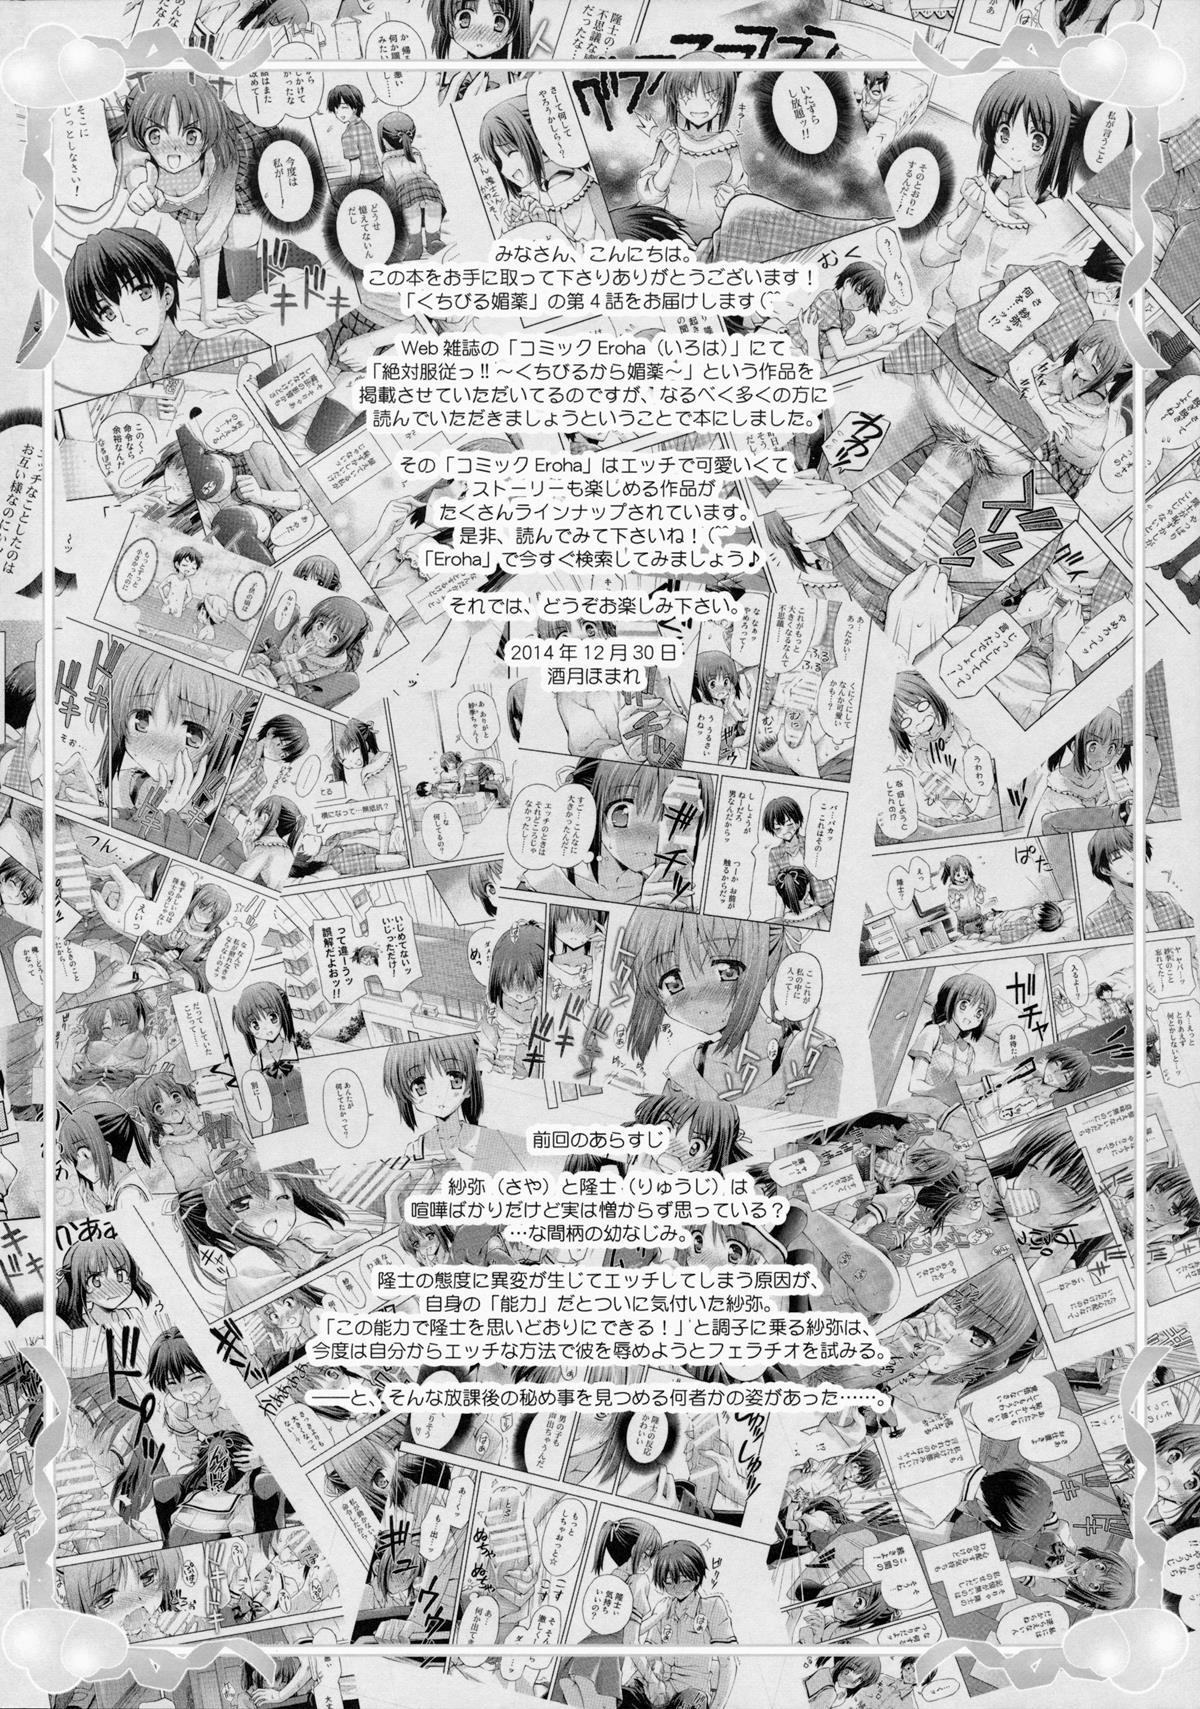 なんでもいうことを聞かせられる媚薬で意中の男の子と学校でセックスするJKwww【エロ漫画・エロ同人】 (3)